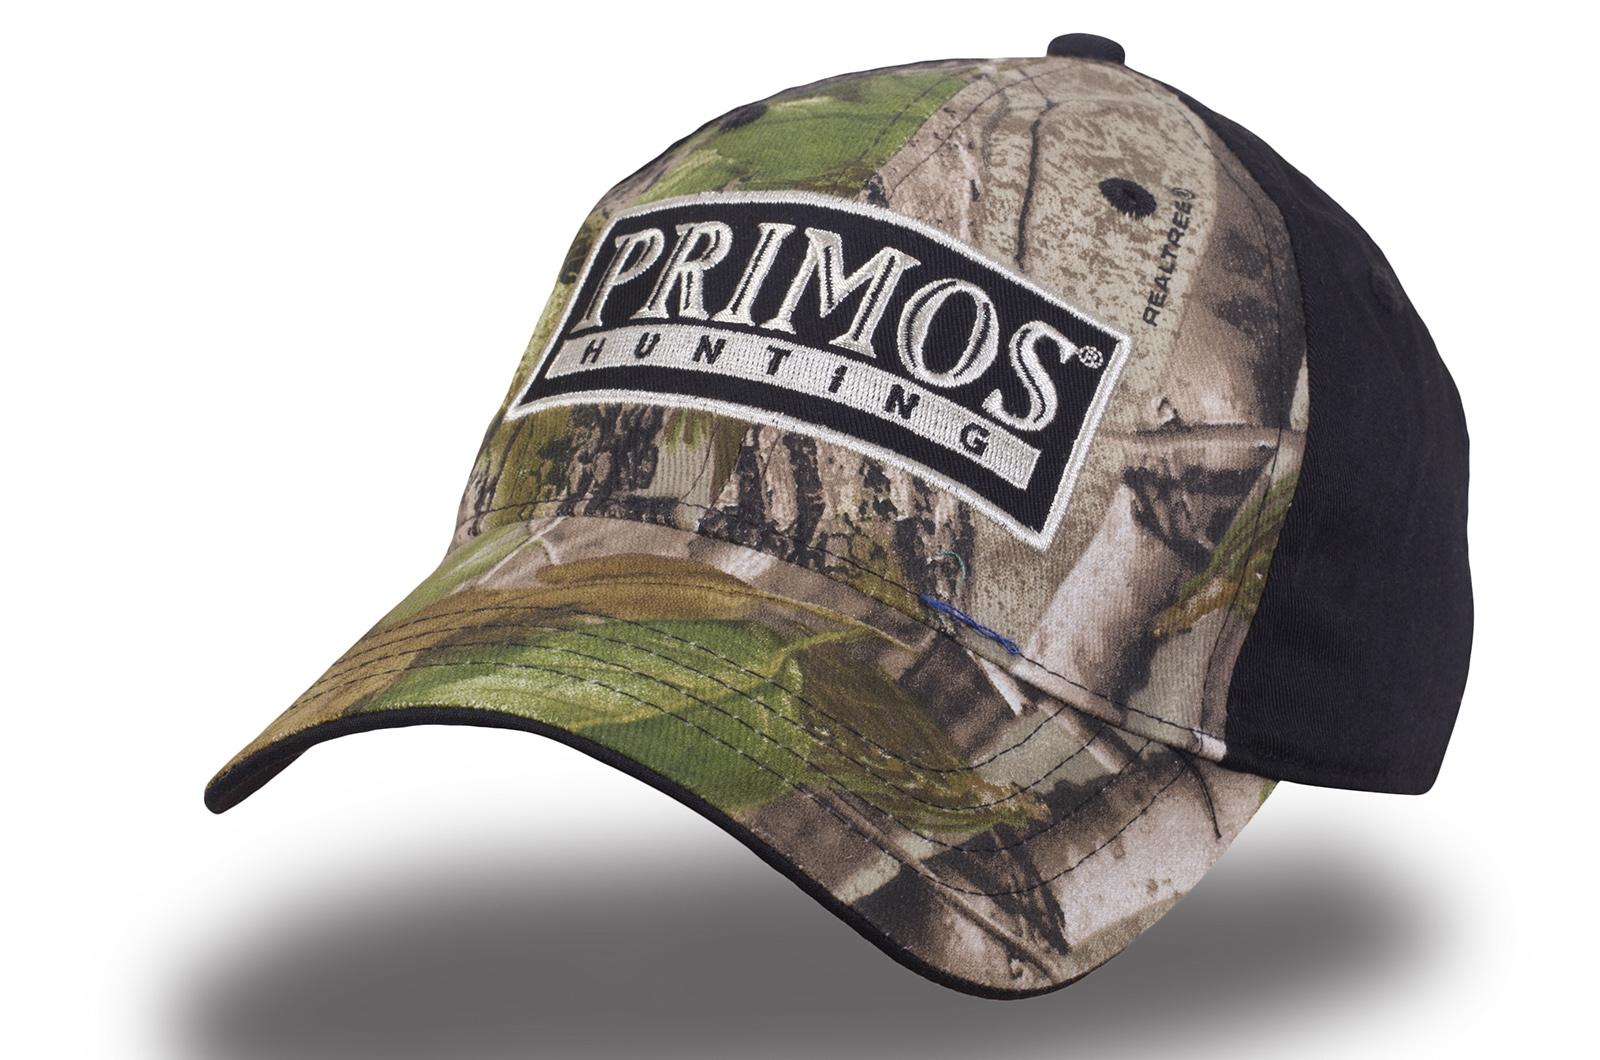 Охотничья кепка с сеткой - купить в интернет-магазине